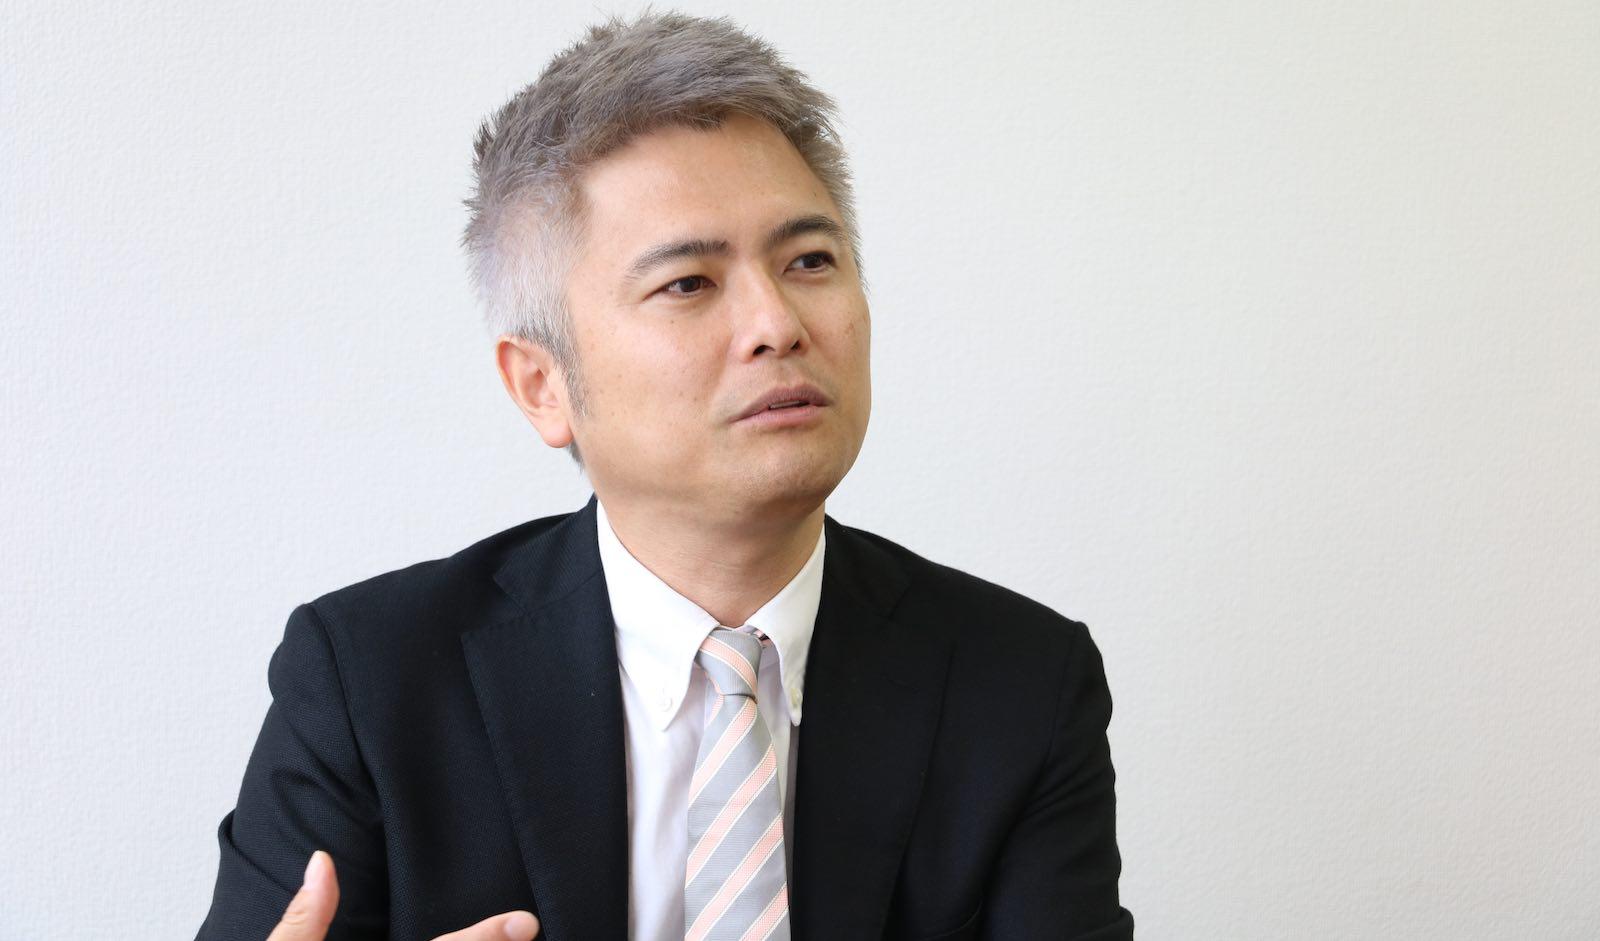 「読んだ翌日から仕事に活かせるものにしないと意味が無い」と語るIoTNEWS代表の小泉 耕二氏